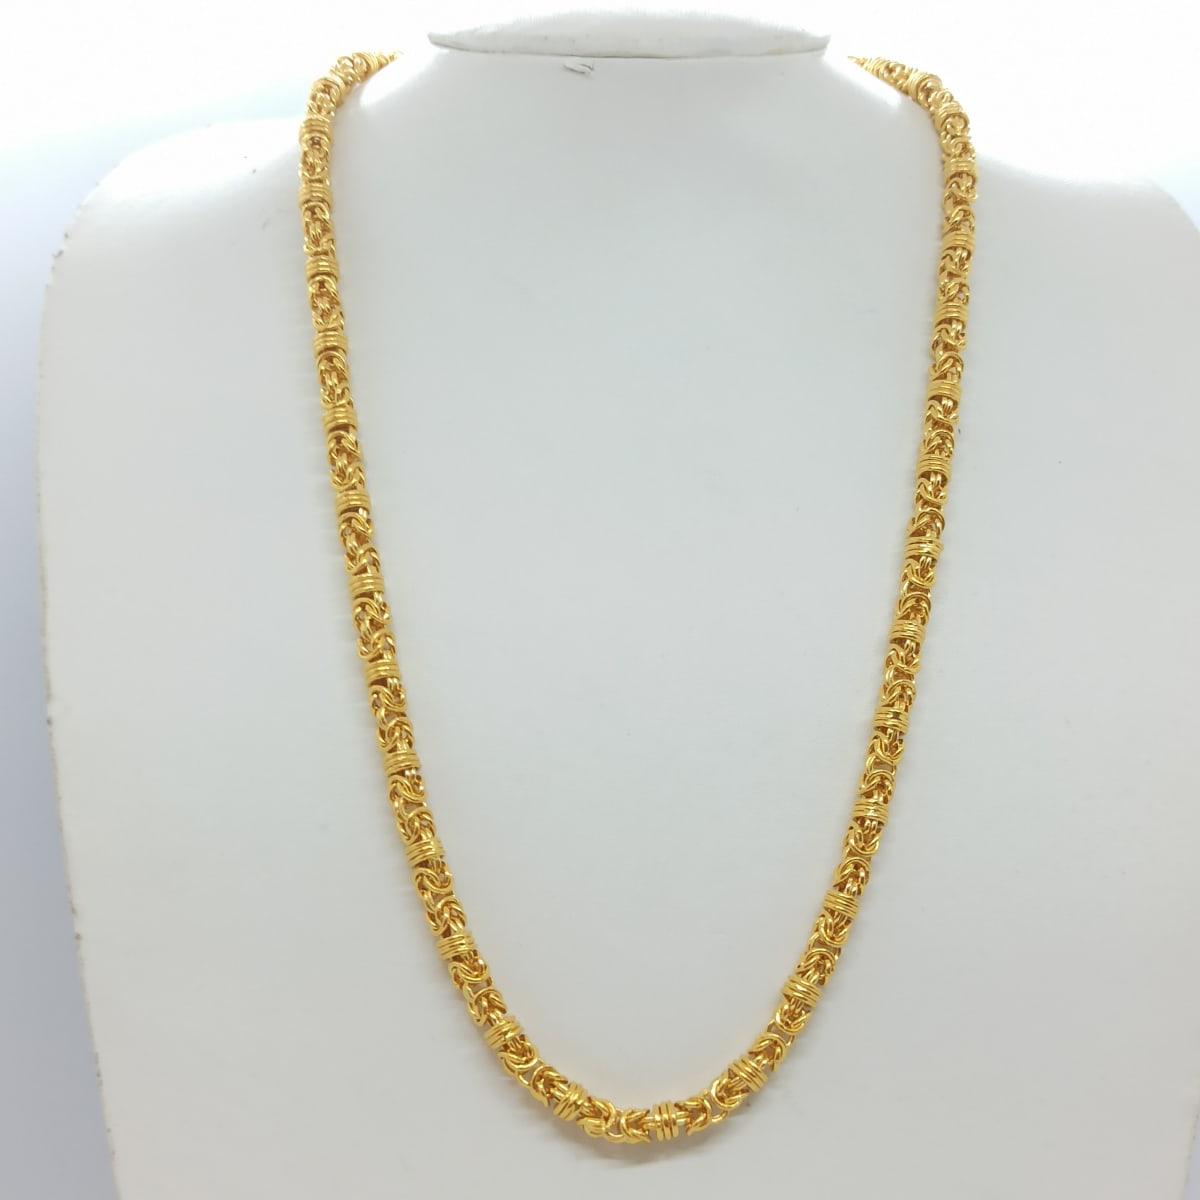 Madeera Gold Chain